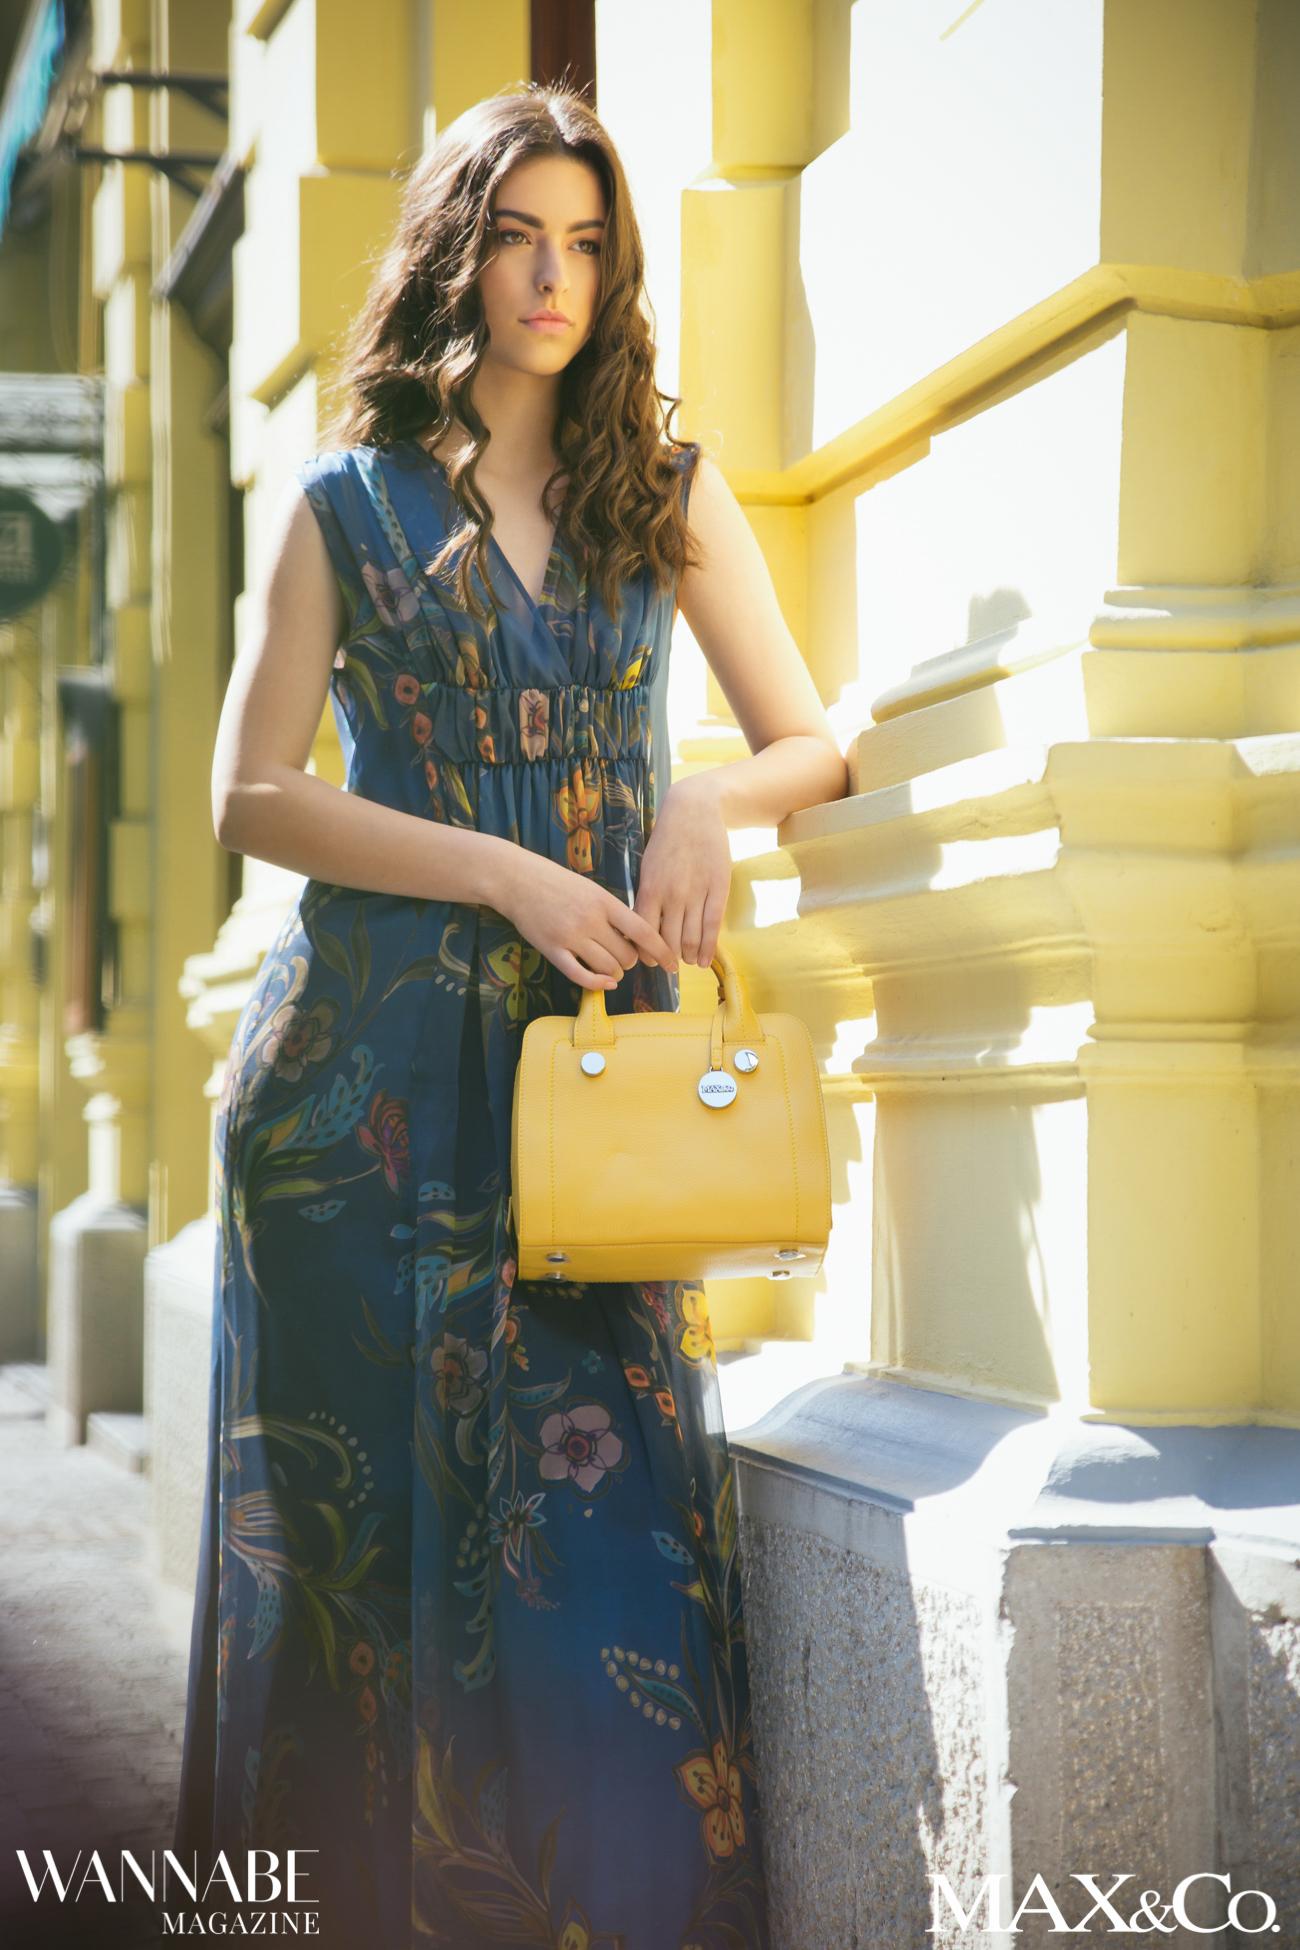 MaxCo 4 2 4 Naša nova omiljena kombinacija boja: Kobalt plava i sunce žuta!